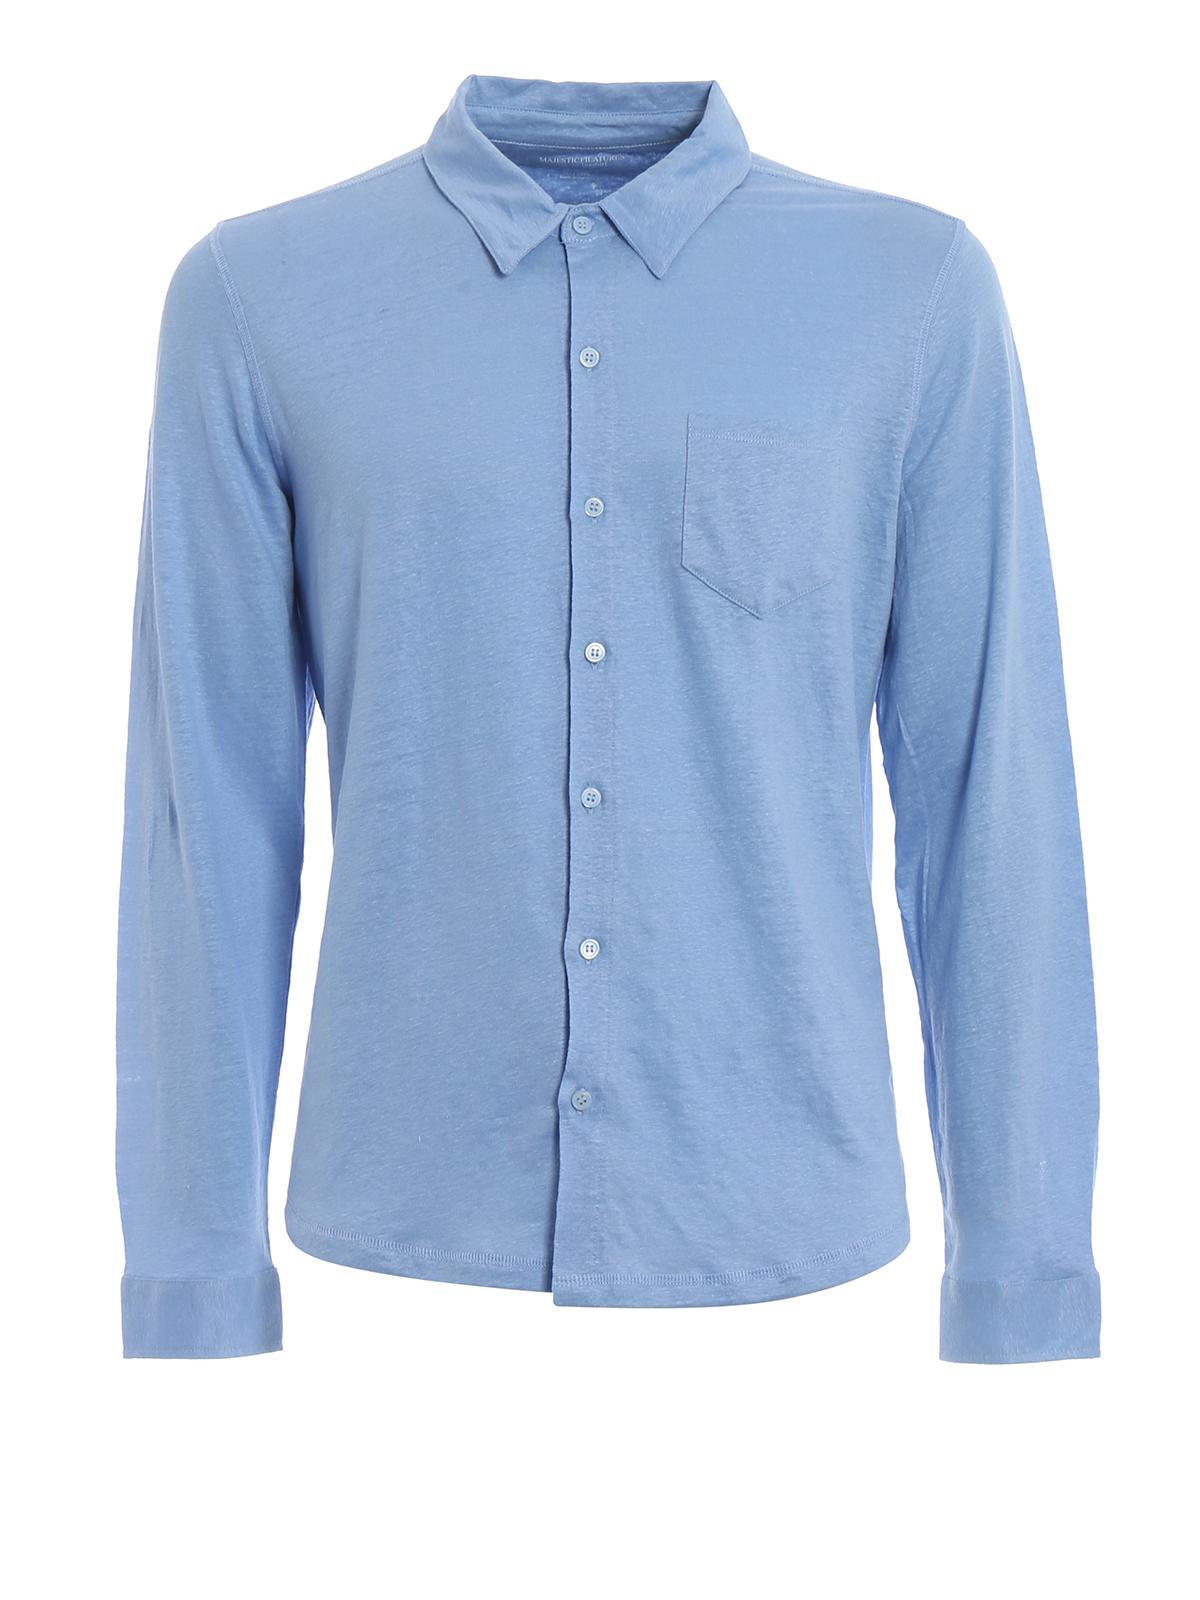 In Filatures Di Jersey Camicie Majestic Lino Camicia Azzurra 1Ex6qOSw